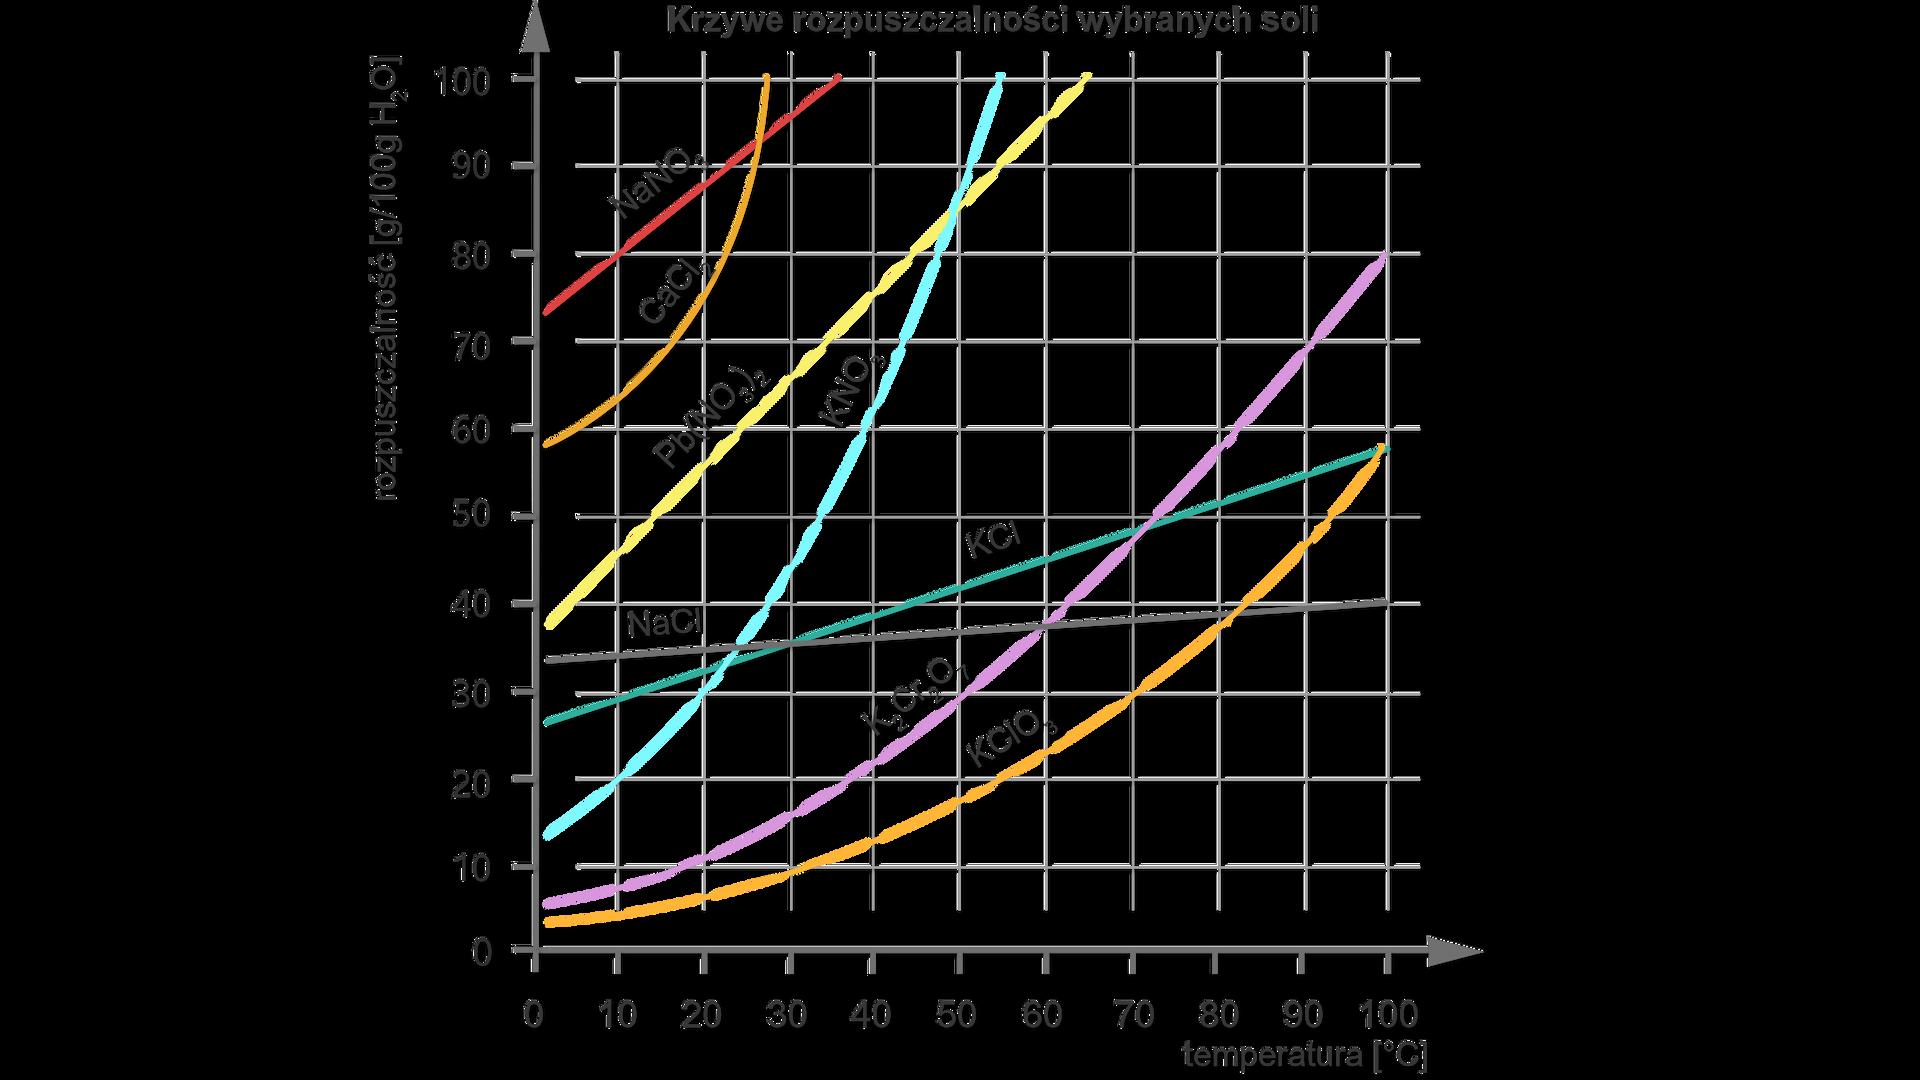 Krzywe rozpuszczalności wybranych soli. Wykres zależności temperatury na osi Xod rozpuszczalności (gram przez sto gram wody) na osi Y. Na osi Xwartości od zera do stu. Na osi Ywartości od zera do stu. Krzywa ka ce el otrzy biegnie od wartości zero na osi Xiwartości cztery na osi Ydo wartości sto na osi Xi58 na osi Y. Krzywa ka dwa ce er dwa osiedem biegnie od wartości zero na osi Xitrzy na osi Ydo wartości sto na osi Xiwartości 80 na osi Y. Krzywa ka en otrzy biegnie od wartości zero na osi Xiwartości 13 na osi Ydo wartości 53 na osi Xisto na osi Y. Krzywa ka ce el biegnie od wartości zero na osi Xi28 na osi Ydo wartości sto na osi Xi58 na osi Y. Krzywa en ace el biegnie od wartości zero na osi Xi33 na osi Ydo wartości sto na osi Xi40 na osi Y. Krzywa pe be en otrzy dwa razy wzięte biegnie od zera na osi Xi38 na osi Xdo wartości 64 na osi Xisto na osi Y. Krzywa ce ace el dwa biegnie od wartości zero na osi Xi58 na osi Ydo wartości 28 na osi Xisto na osi Y. Krzywa en aen otrzy biegnie od wartości zero na osi Xi73 na osi Ydo wartości 35 na osi Xisto na osi Y.